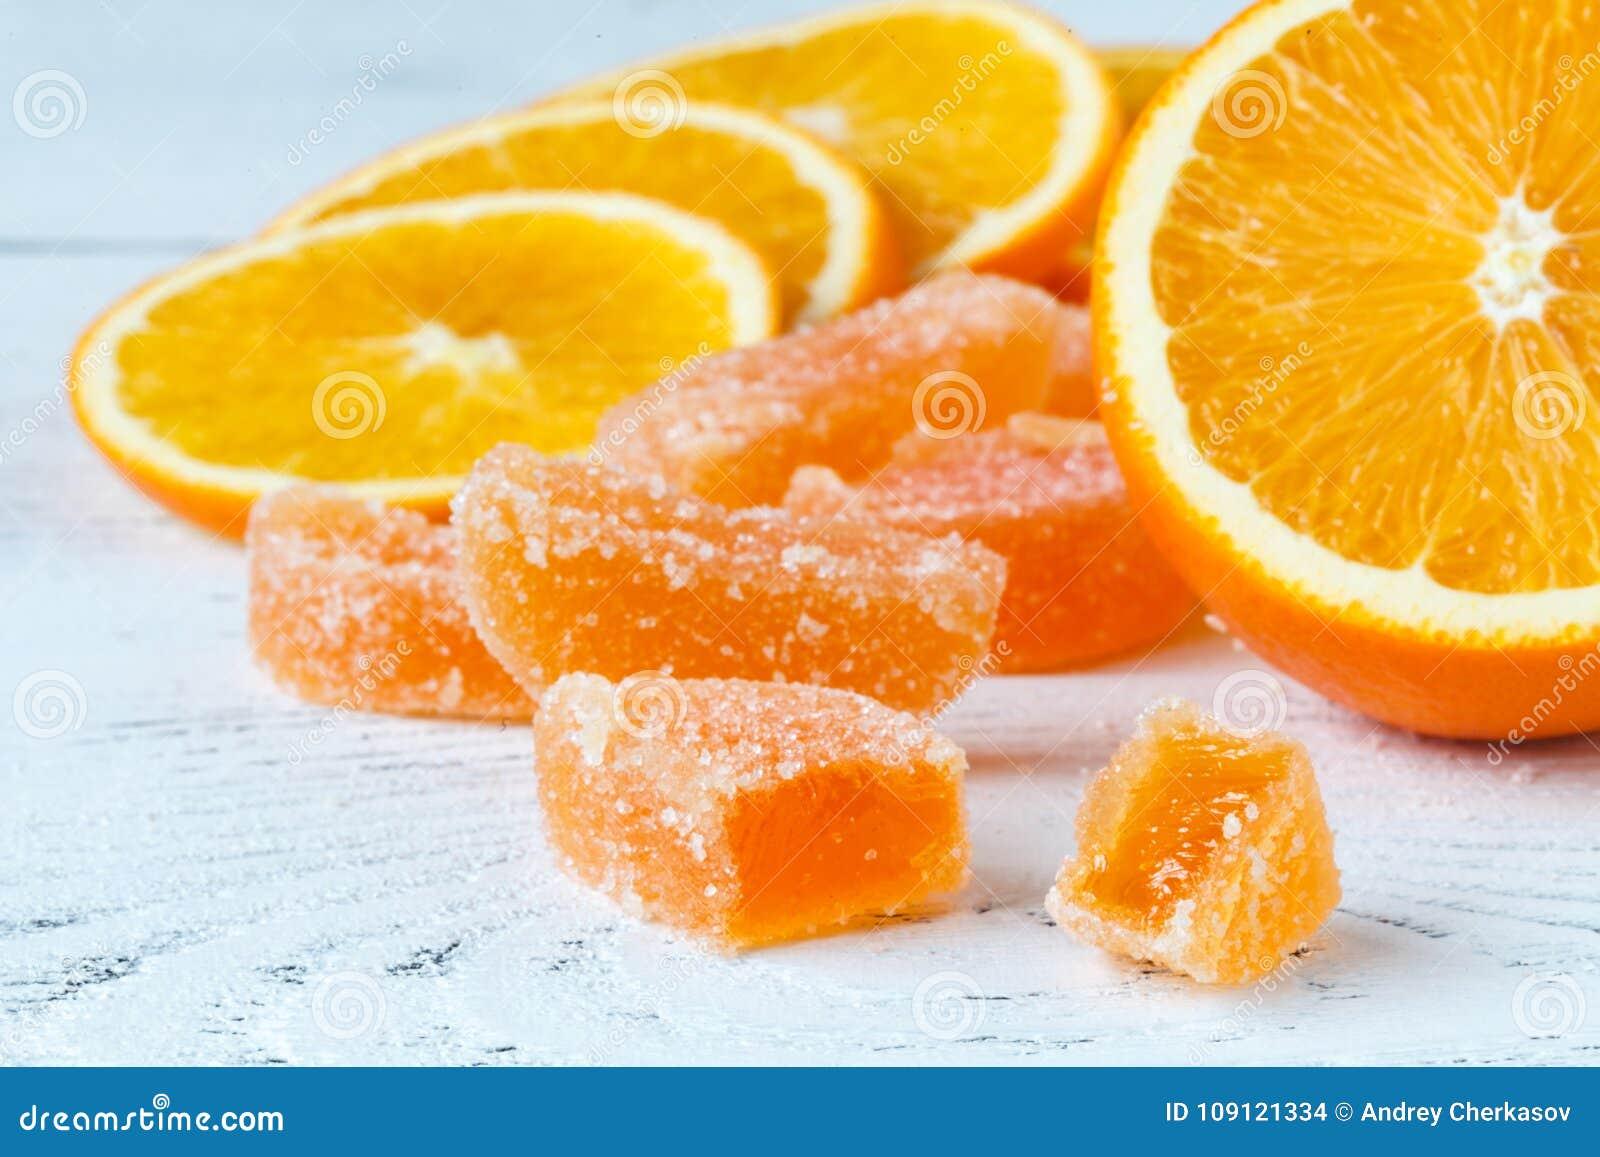 orange marmelad with slided oranges on table stock photo image of